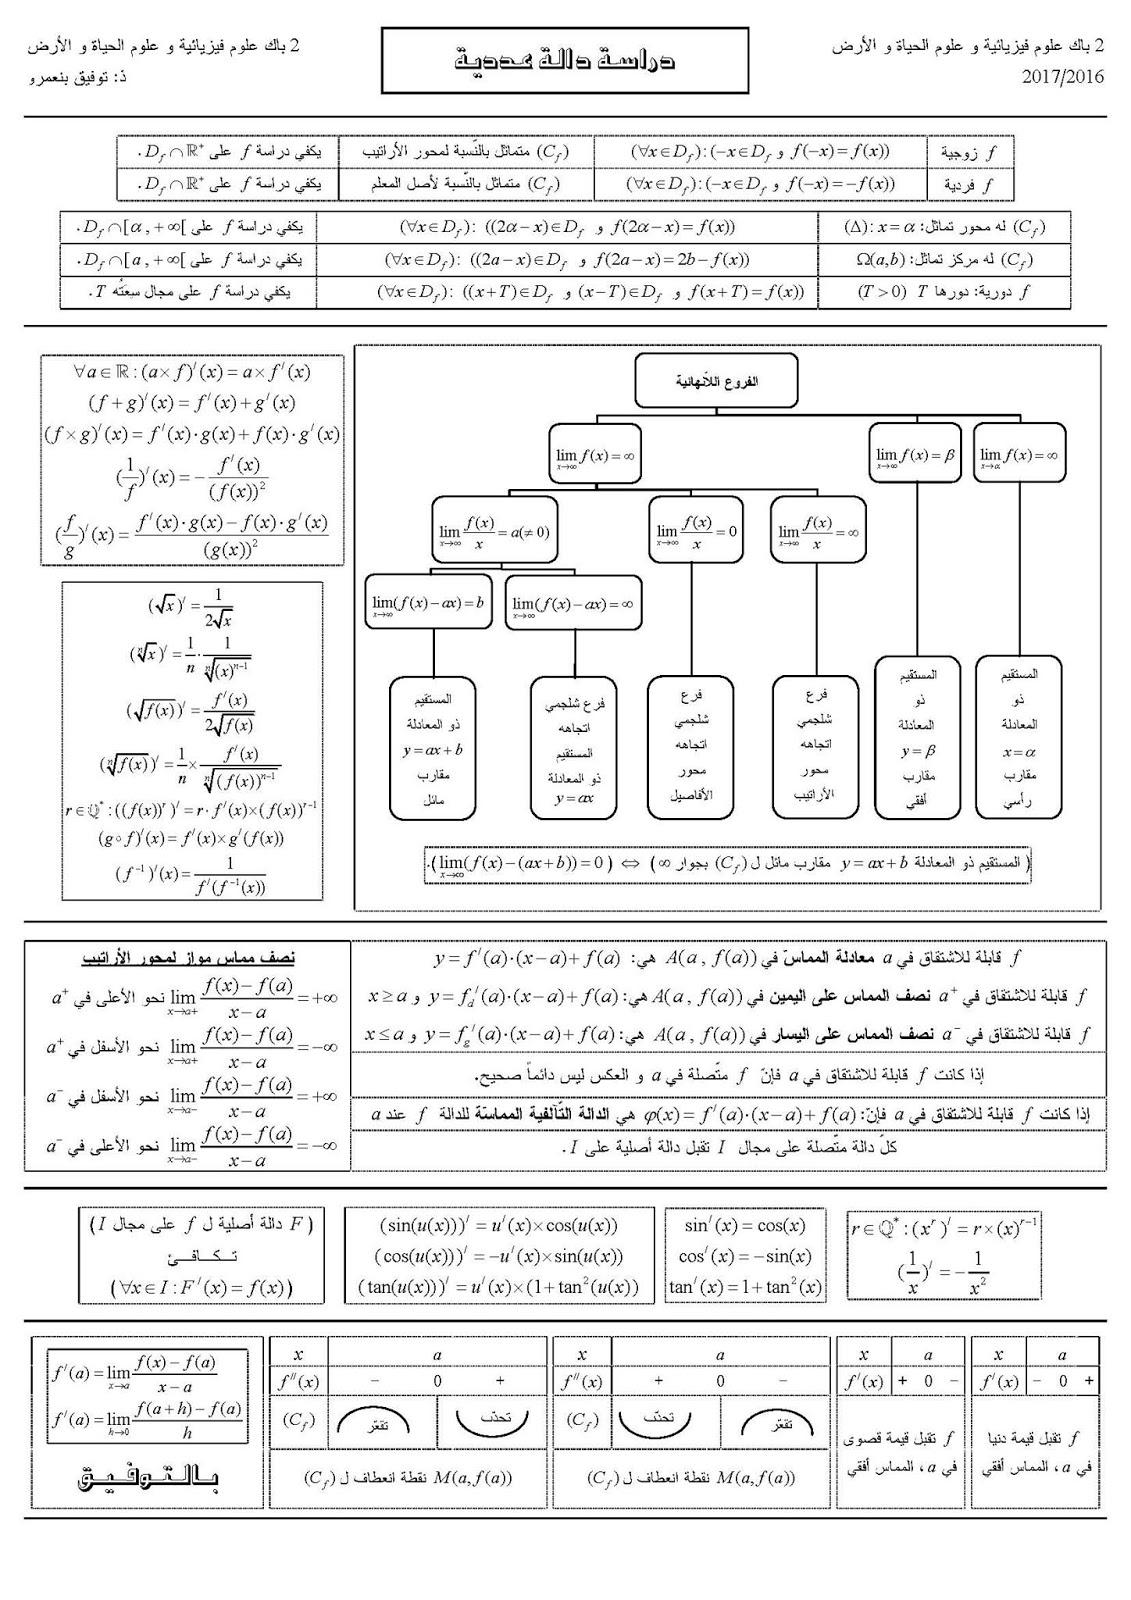 ملخص دراسة دالة عددية و الفروع اللانهائية للثانية باك جميع الشعب العلمية و التقنية